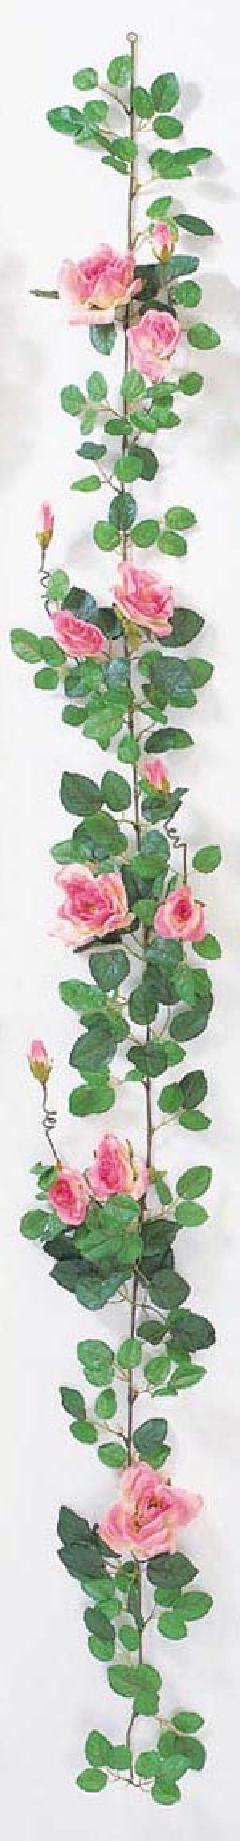 屋内用造花バラガーランド(プラチナローズ・ピンク・全長180cm/花径5〜10cm)FLG−302